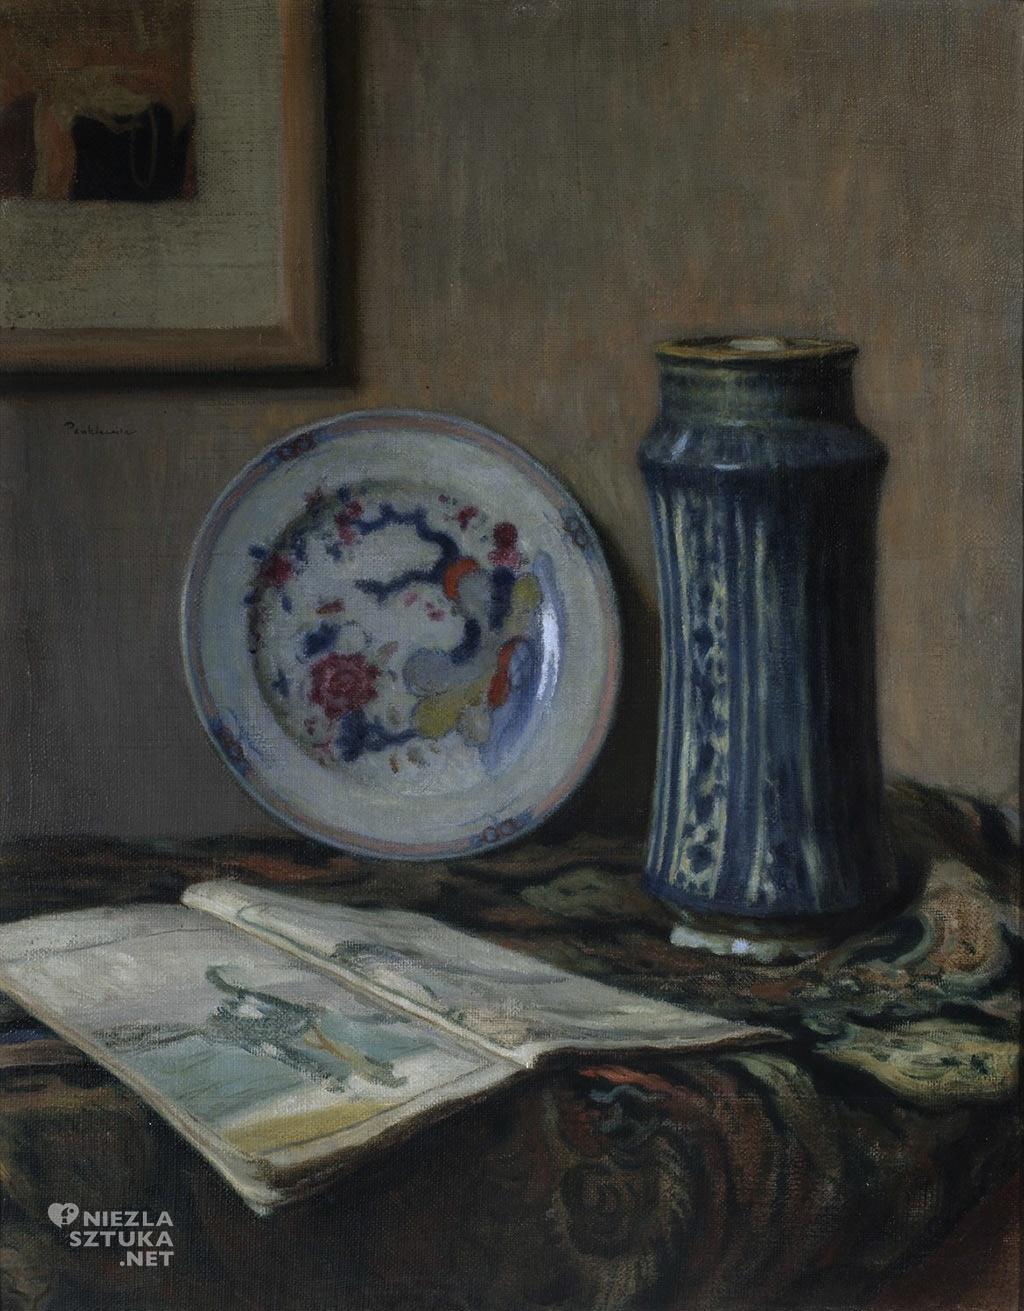 Józef Pankiewicz, Martwa natura z ceramiką, Martwa natura z błękitnym wazonem, sztuka polska, Niezła sztuka